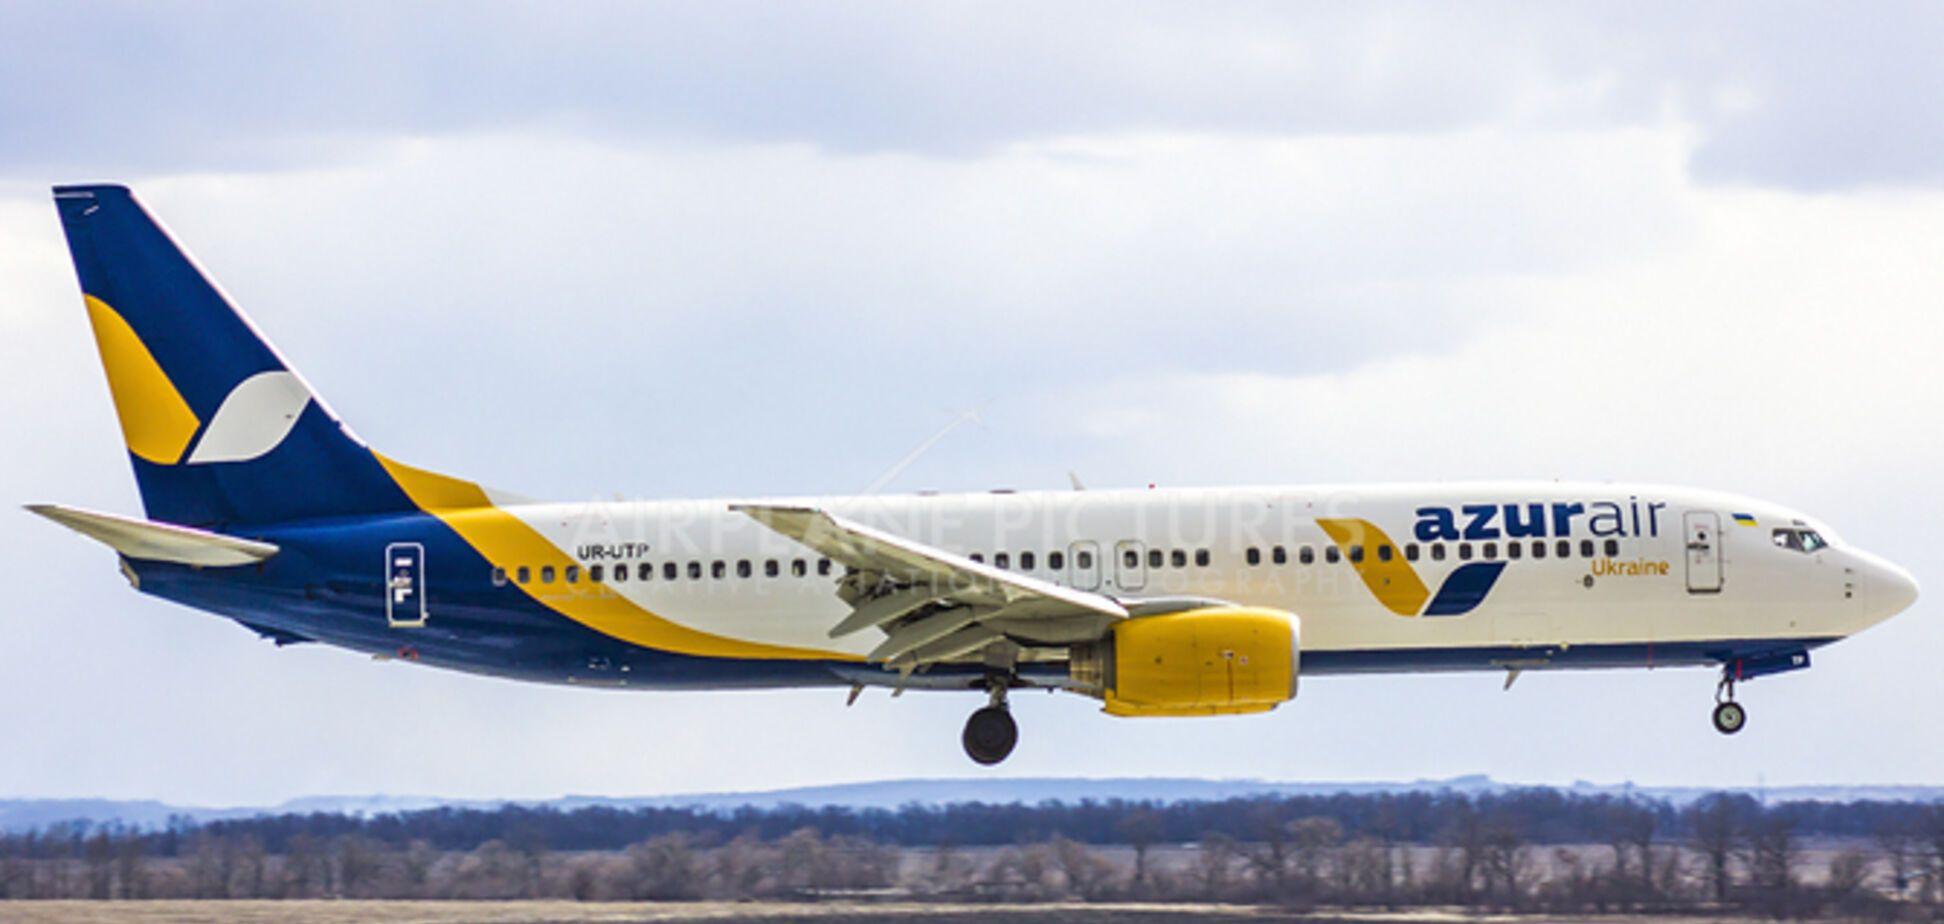 В аэропорту Львова застряли десятки пассажиров: что стряслось